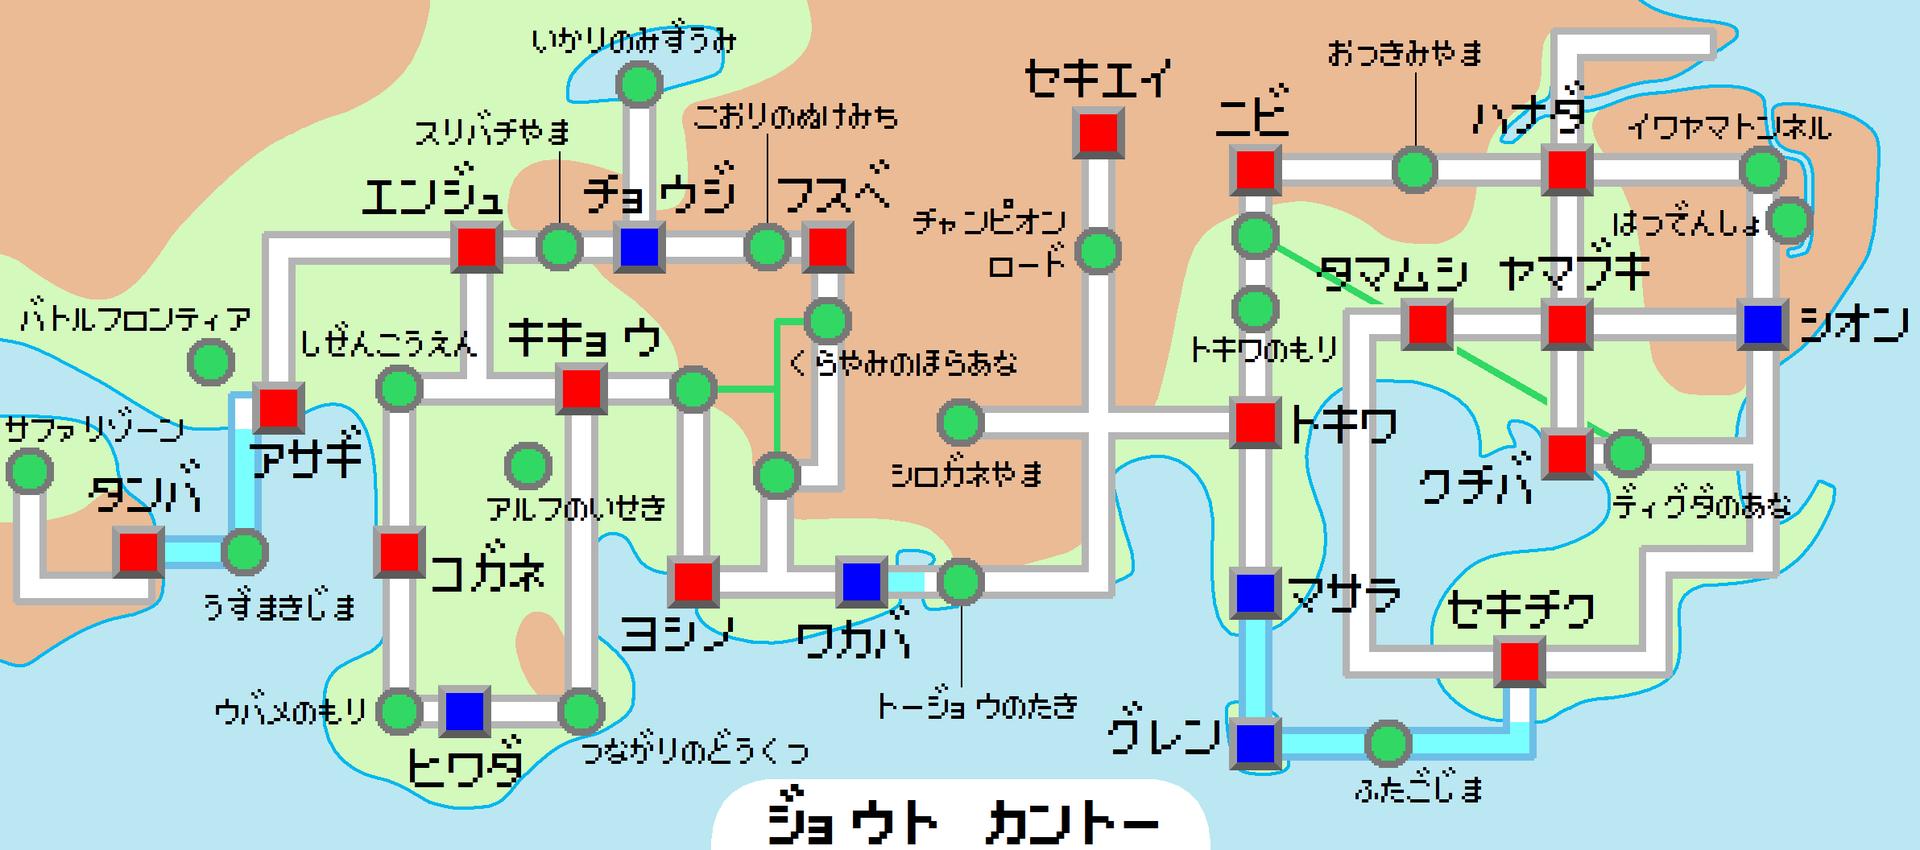 https://upload.wikimedia.org/wikipedia/commons/thumb/d/d6/Pokemon-Tojoh.png/1920px-Pokemon-Tojoh.png